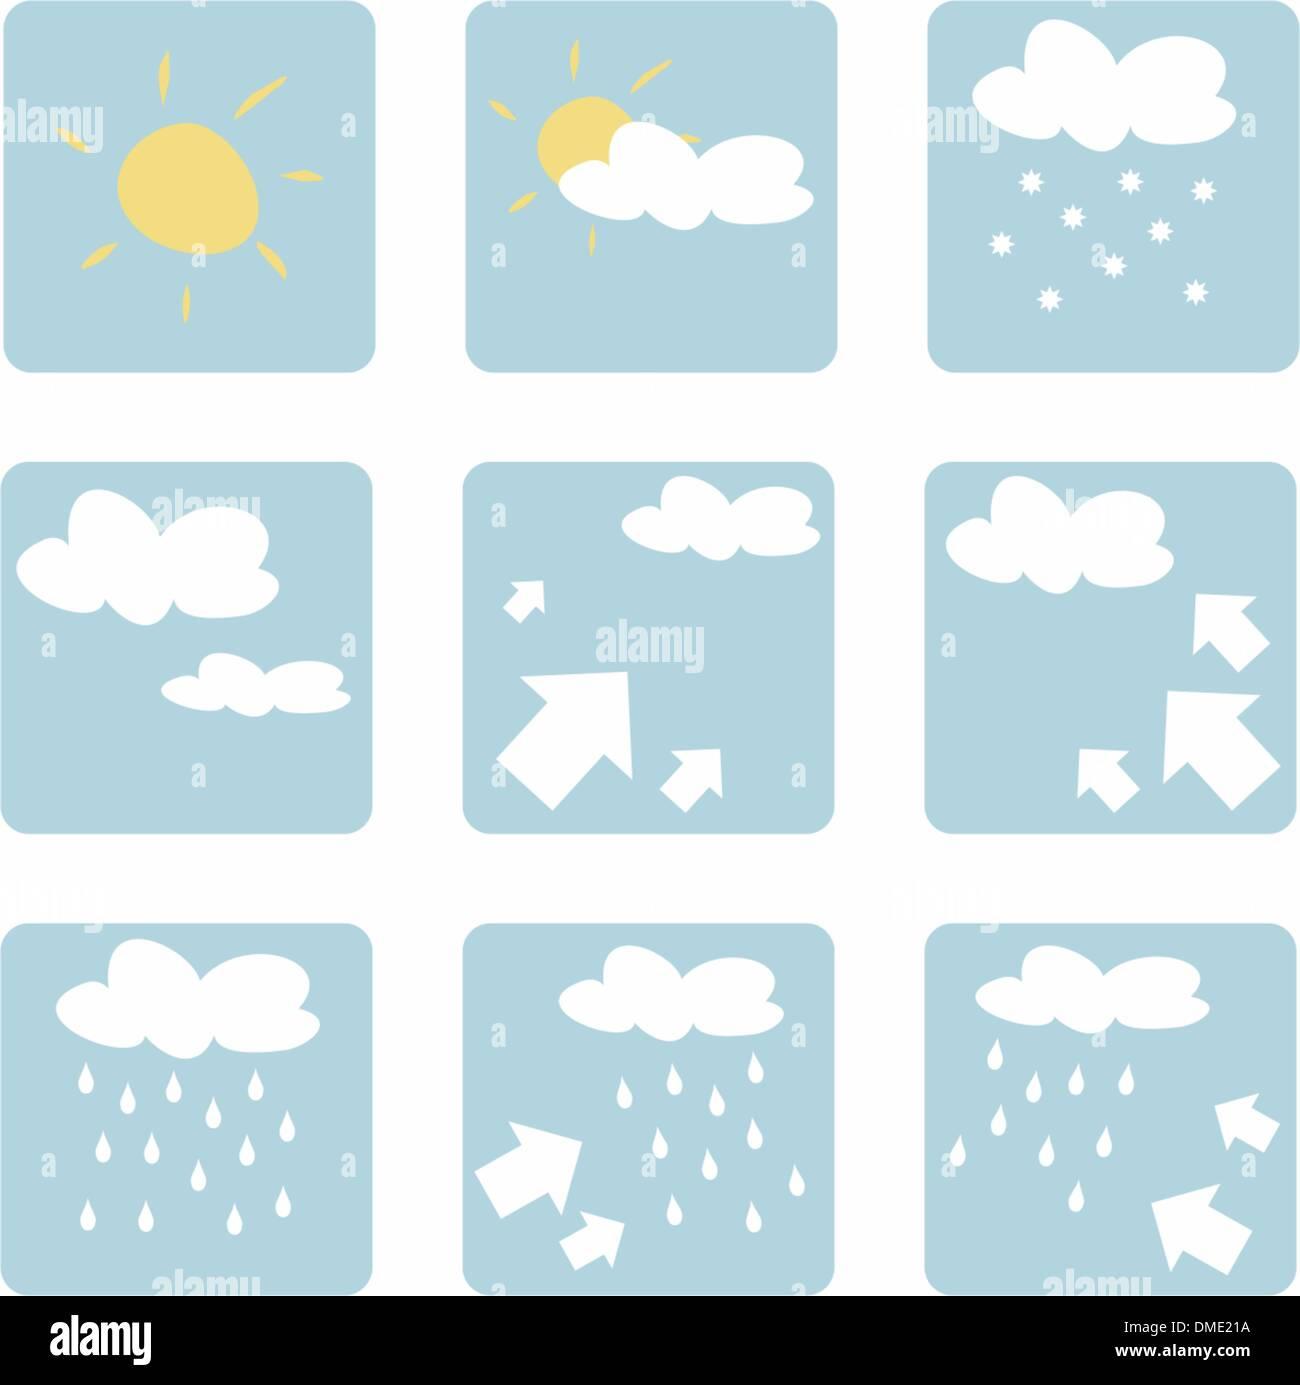 Wetter Icons Vektor Illustration Clipart Isoliert Auf Weißem